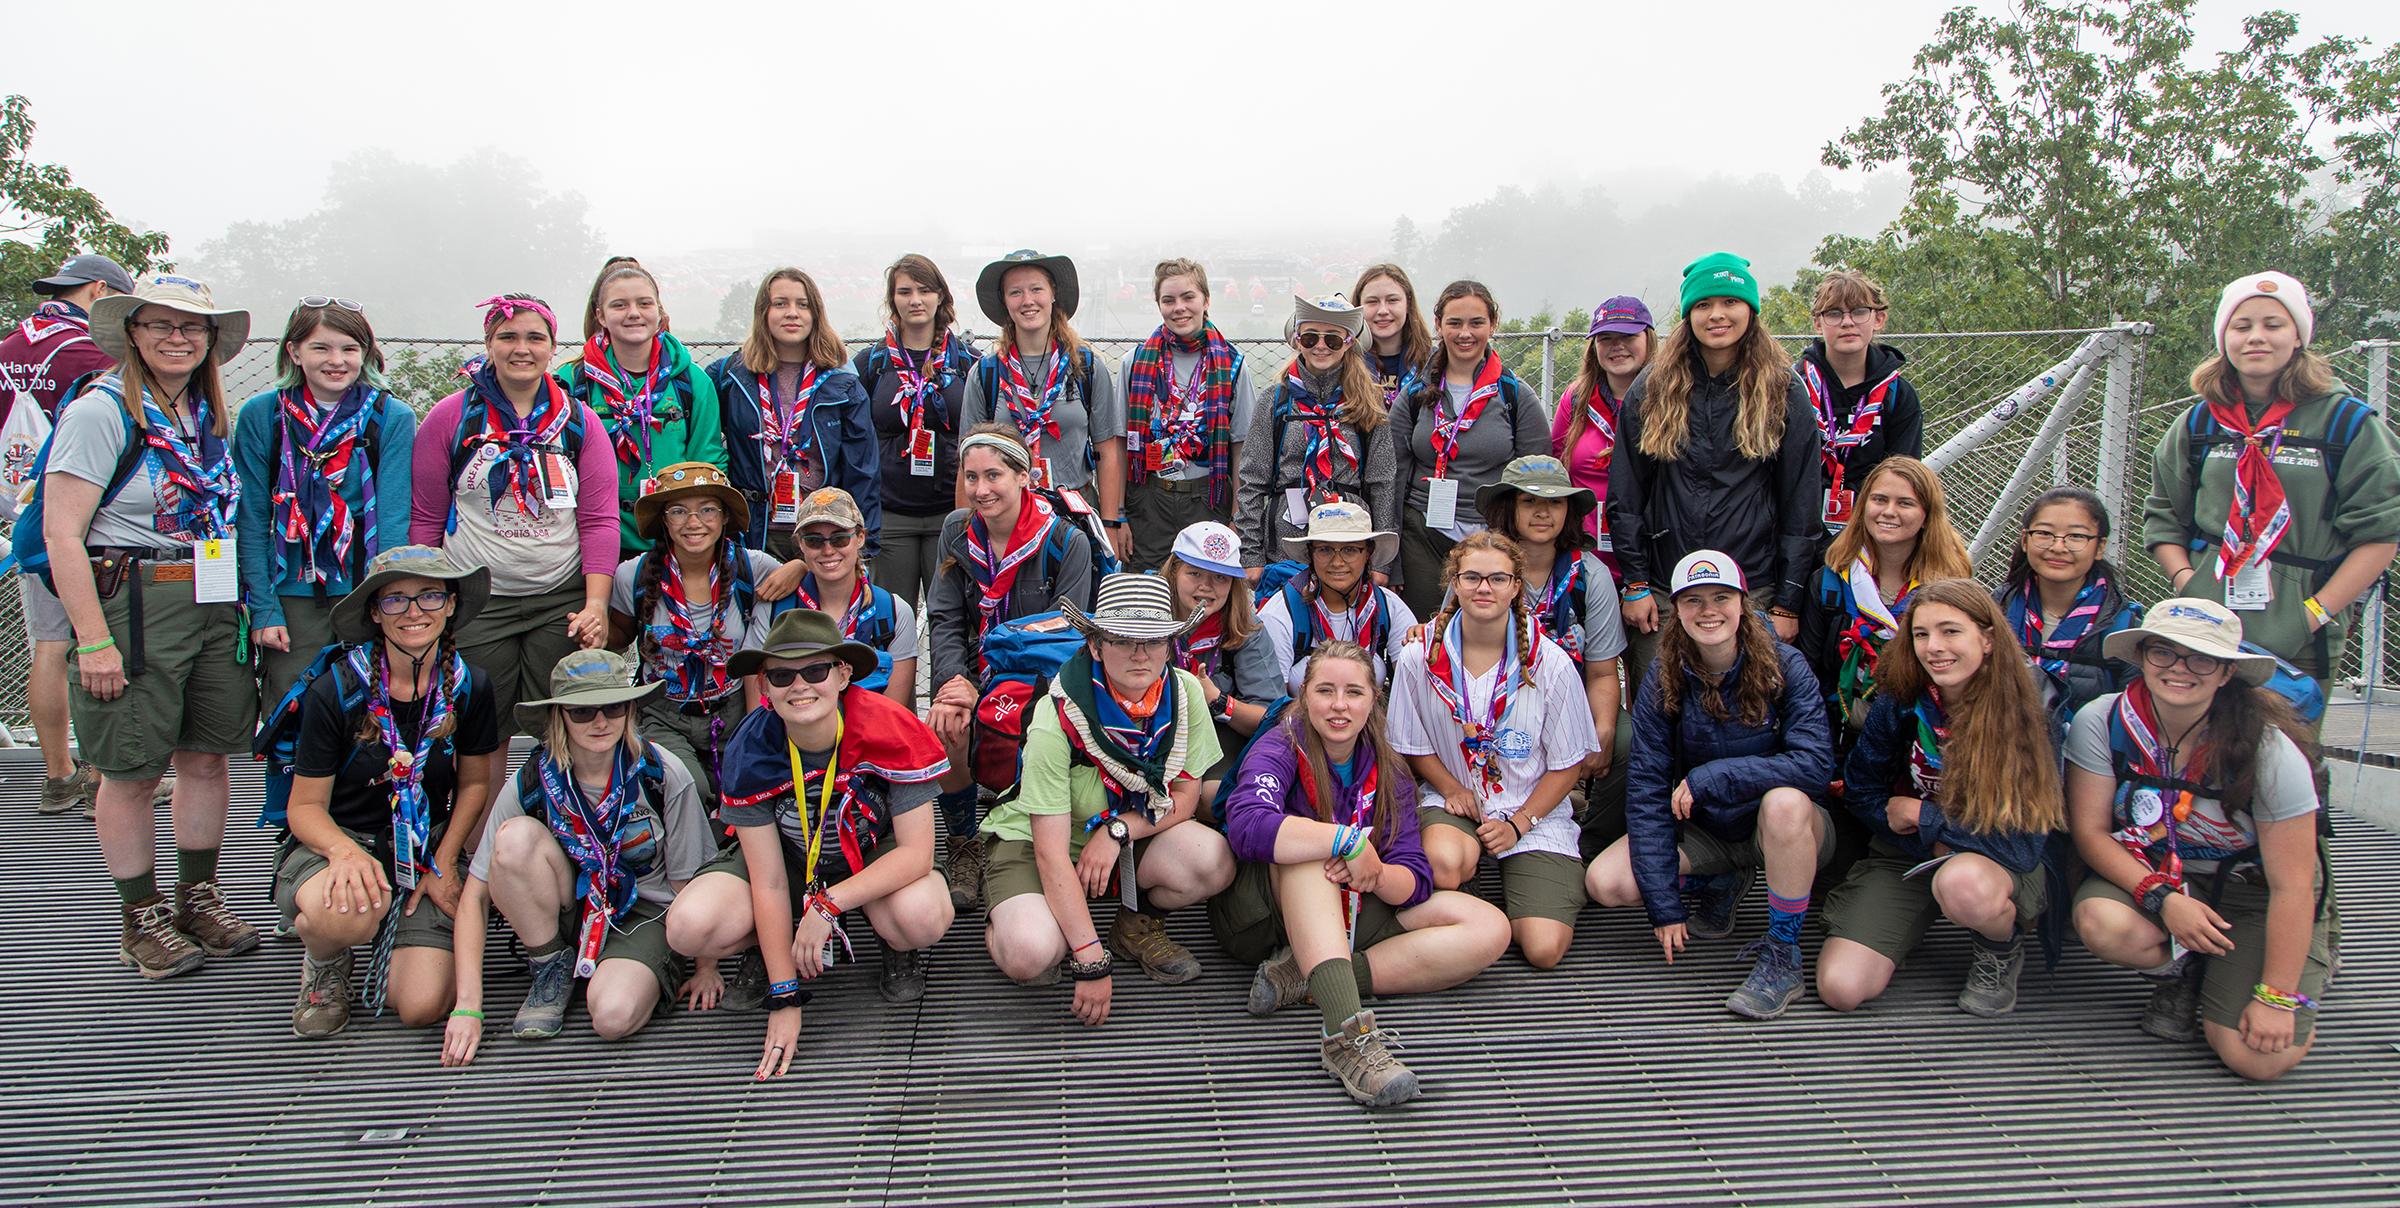 American Girls Breaking New Ground at Jamboree